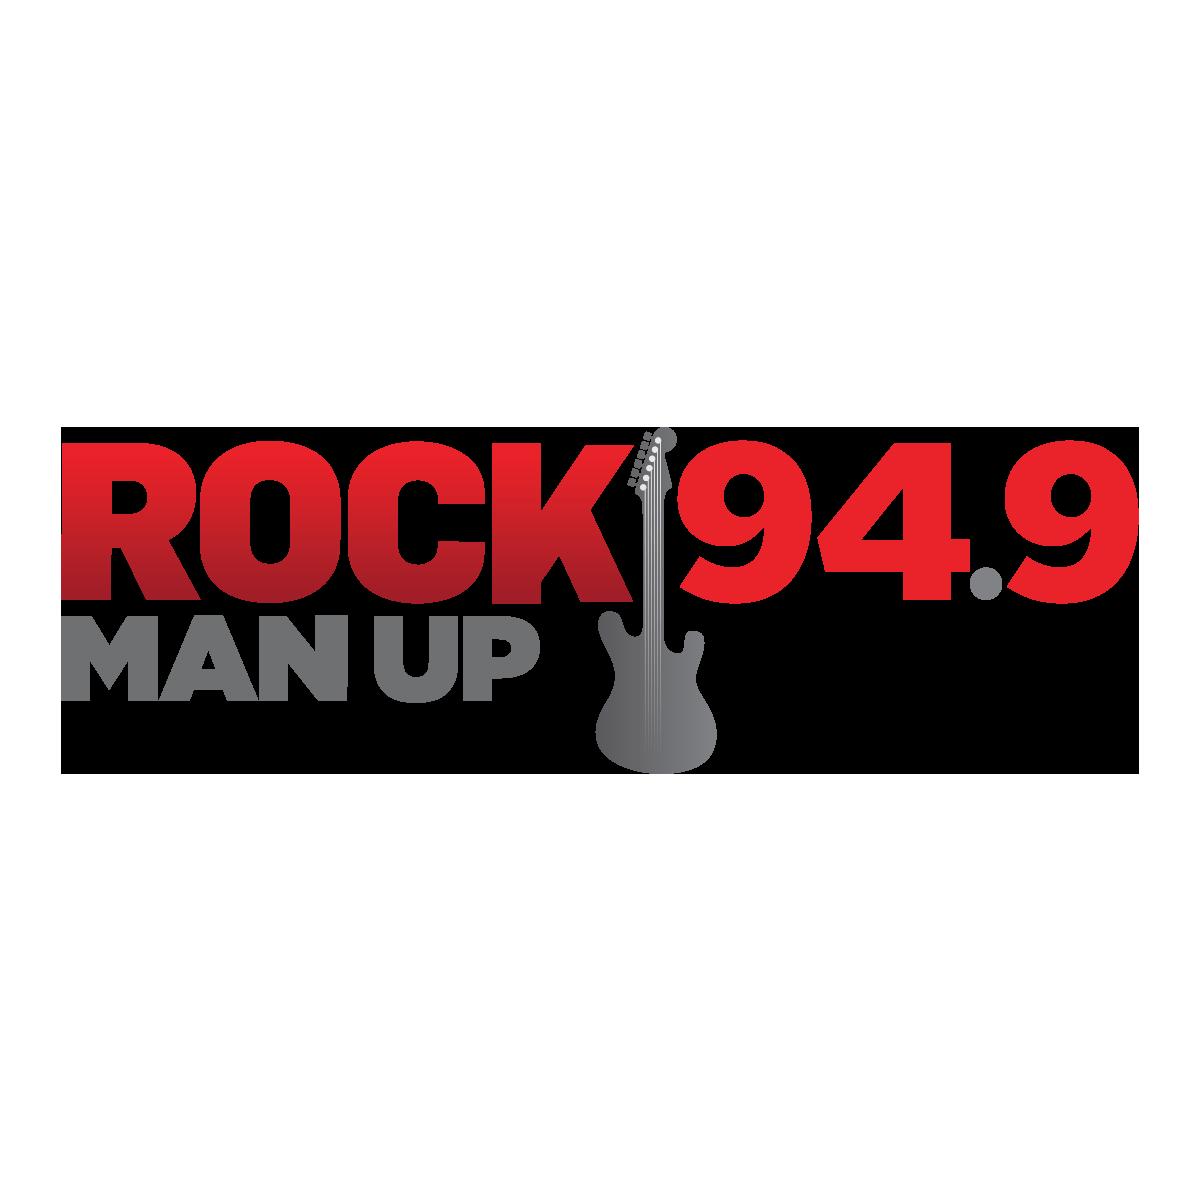 Rock 94.9